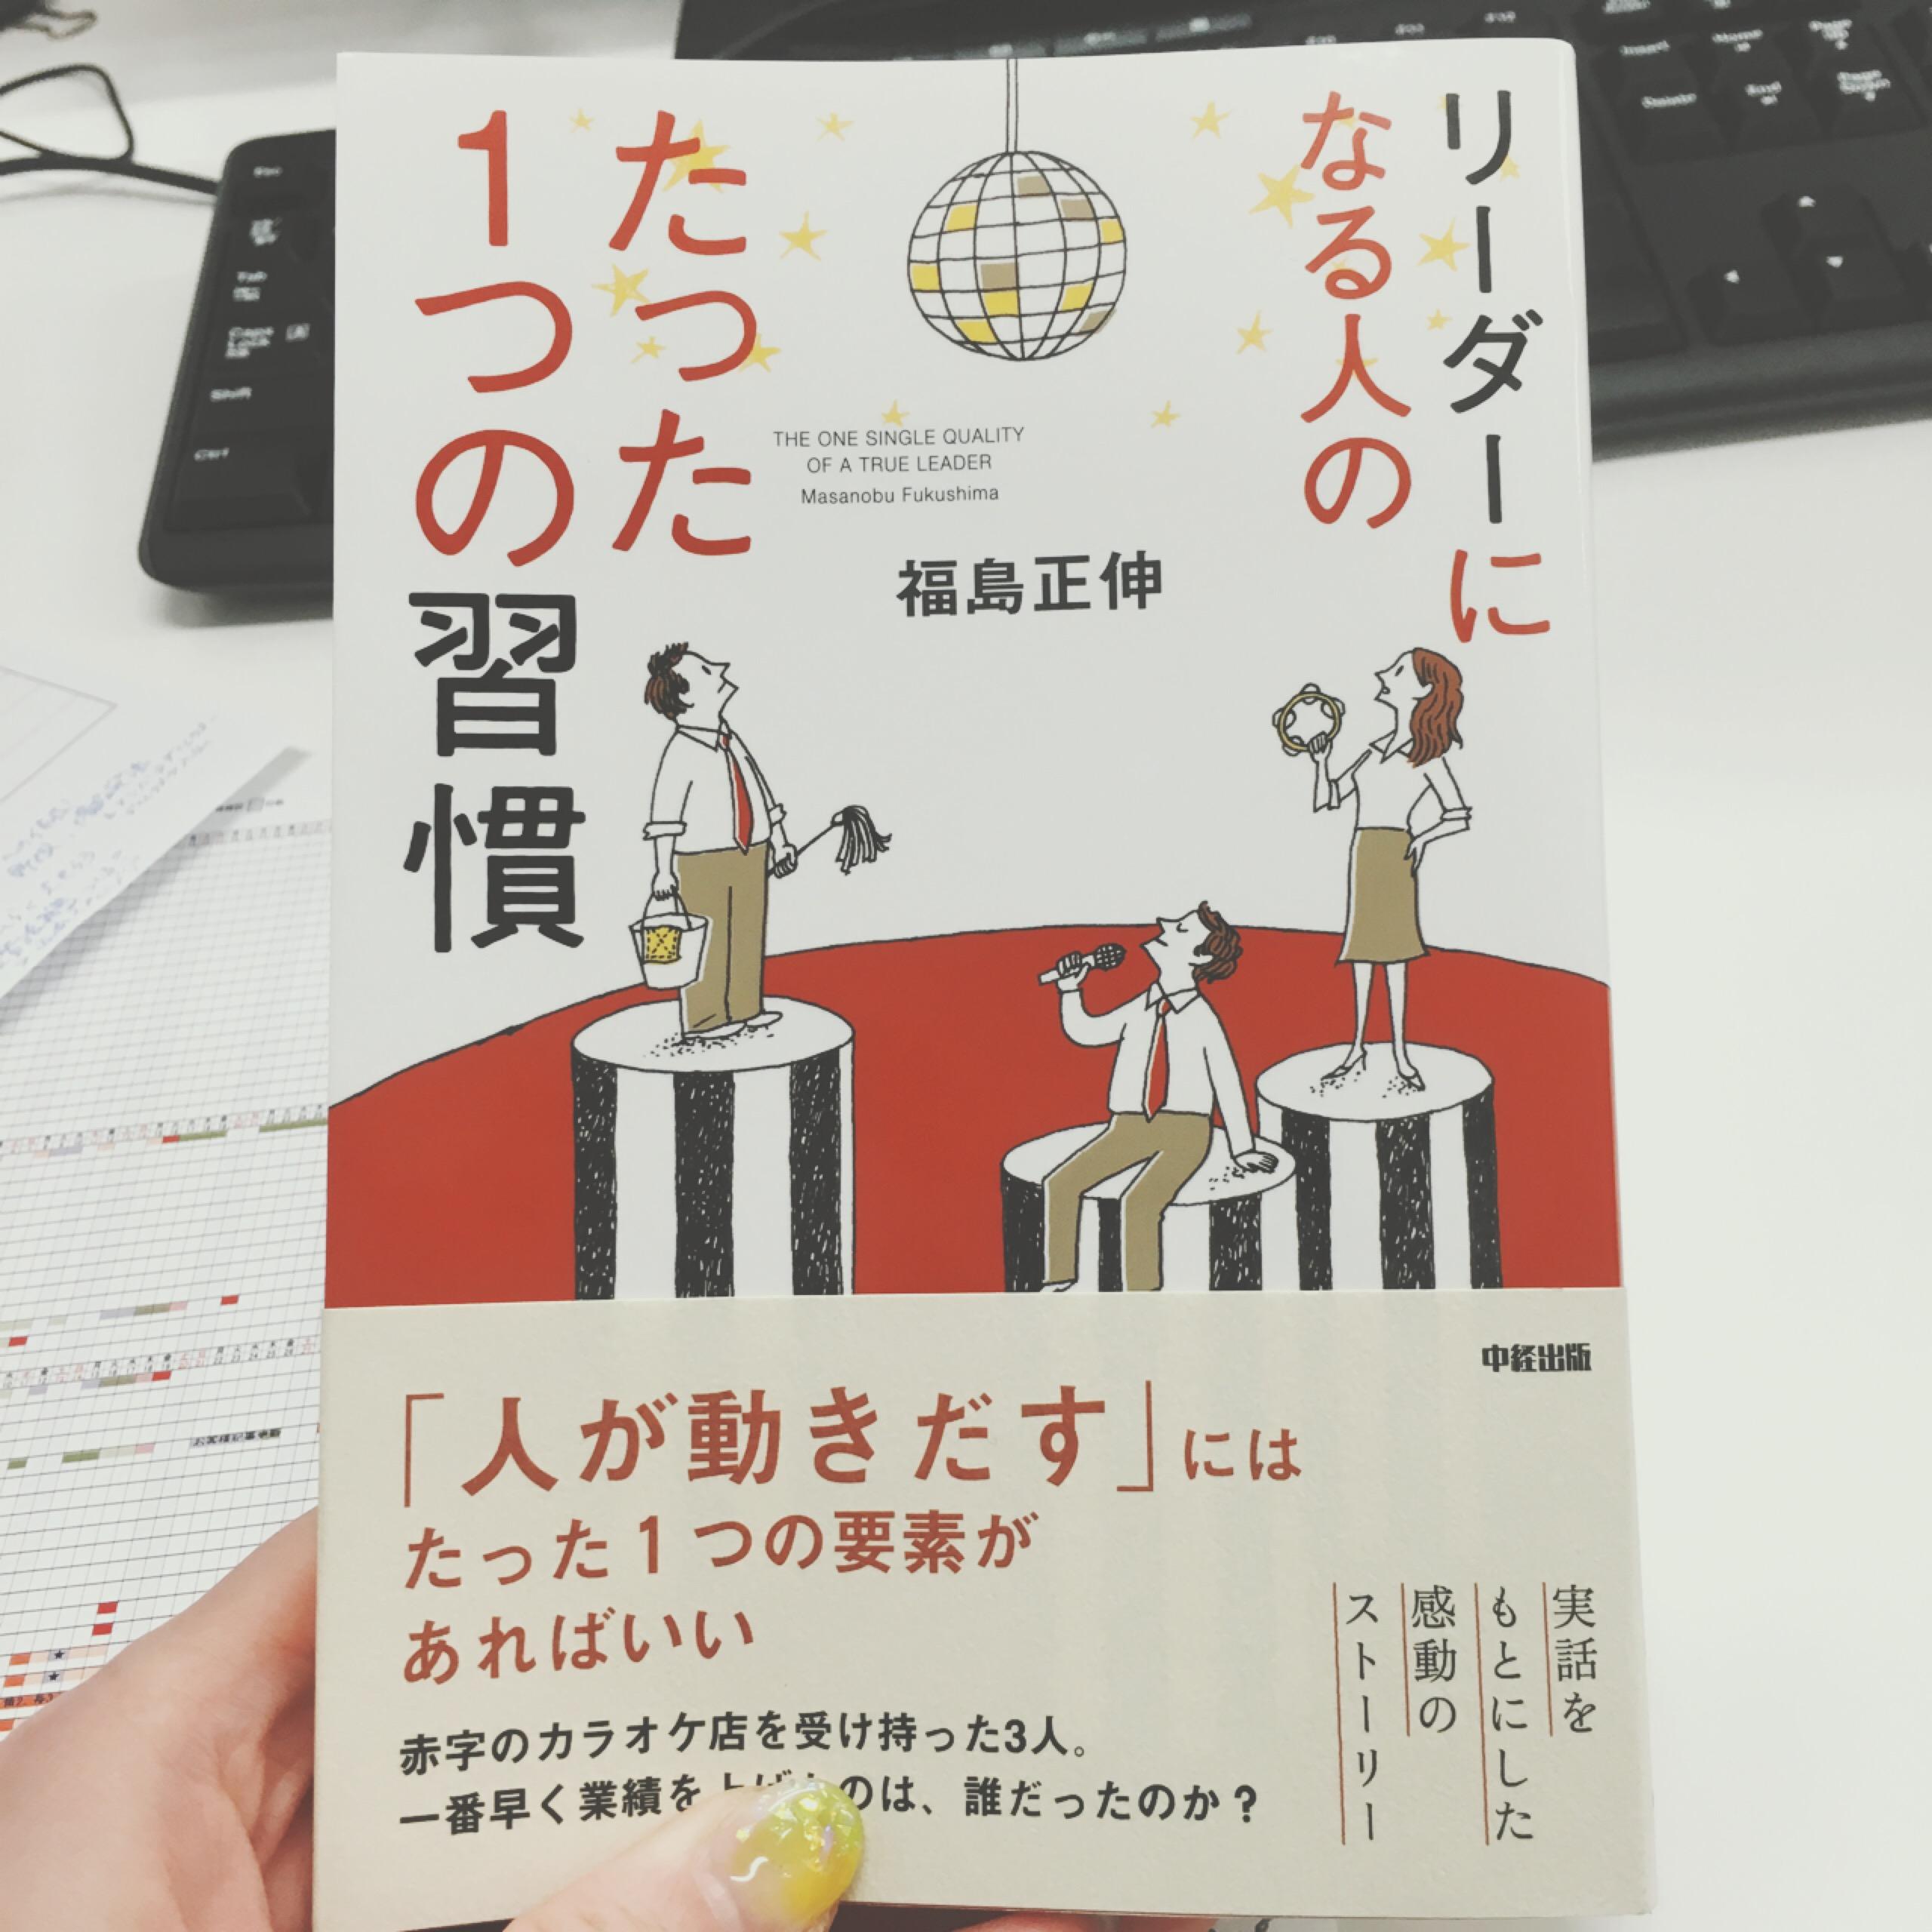 【本】リーダーになる人のたった1つの習慣(著:福島正伸氏)